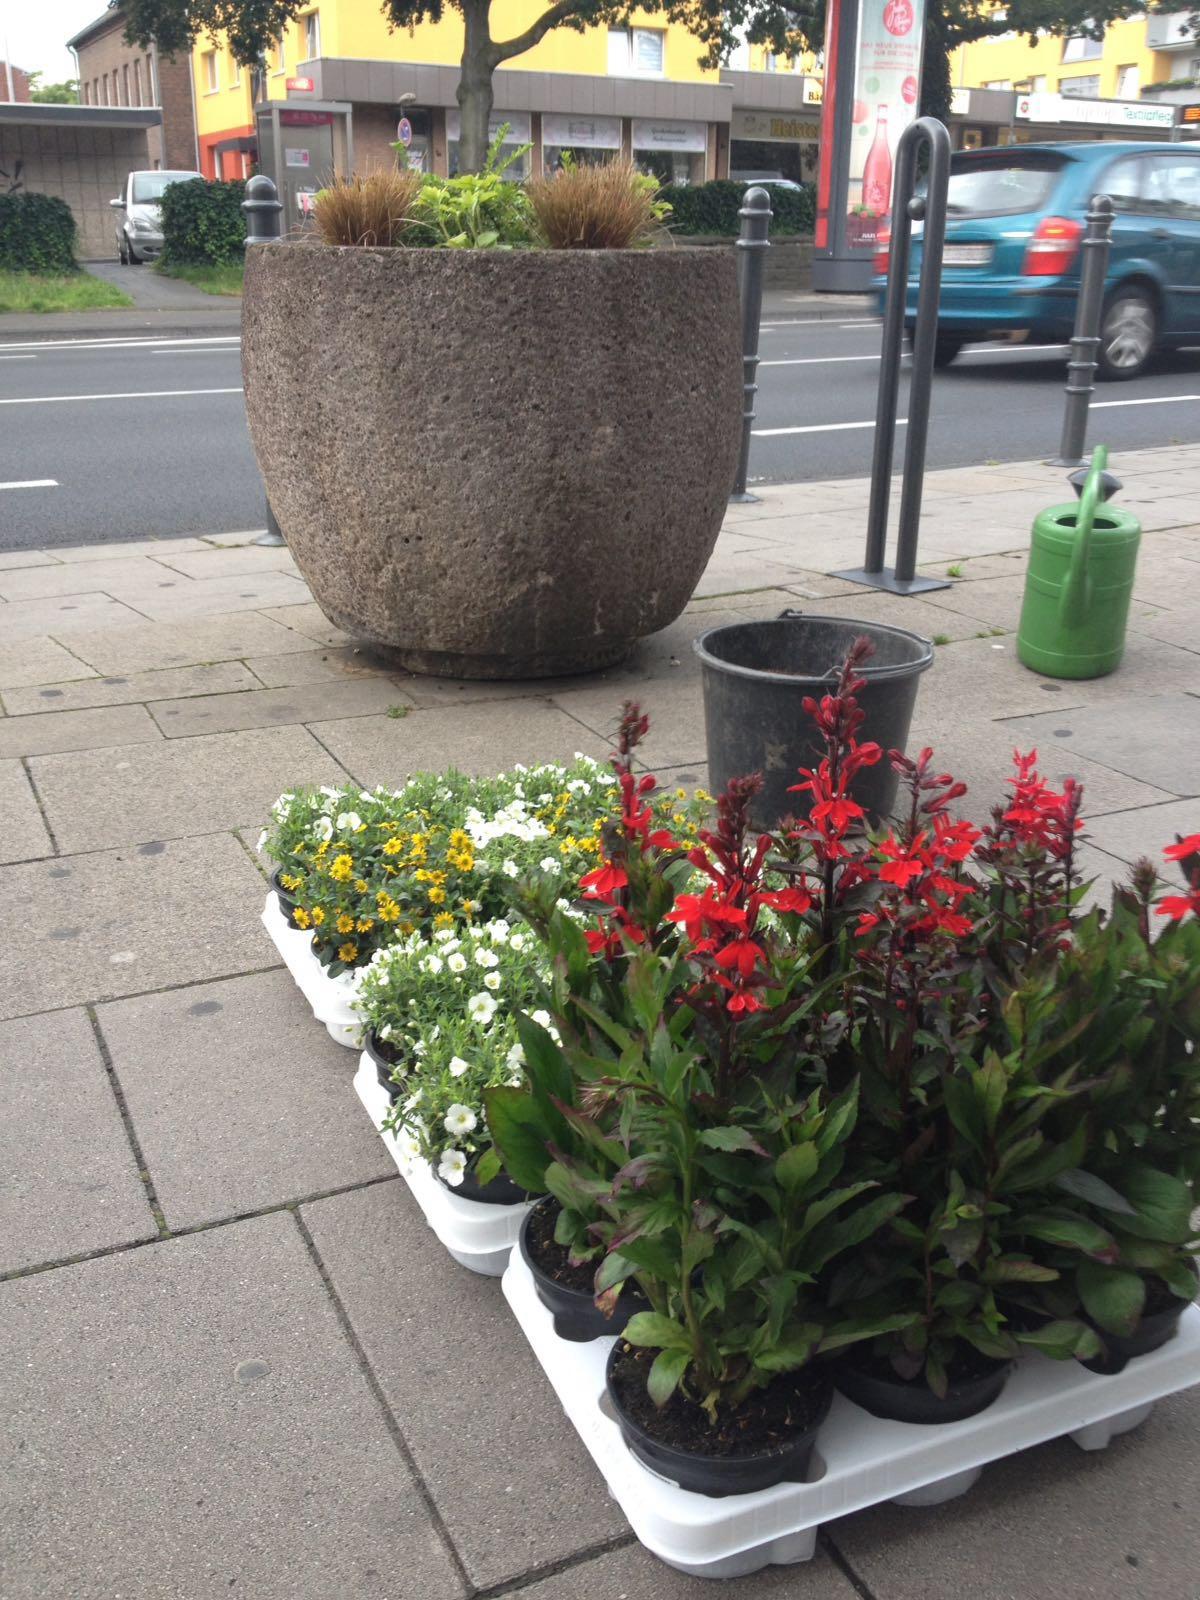 mehr grünflächen in urbach: neue beton-kübel verschönern